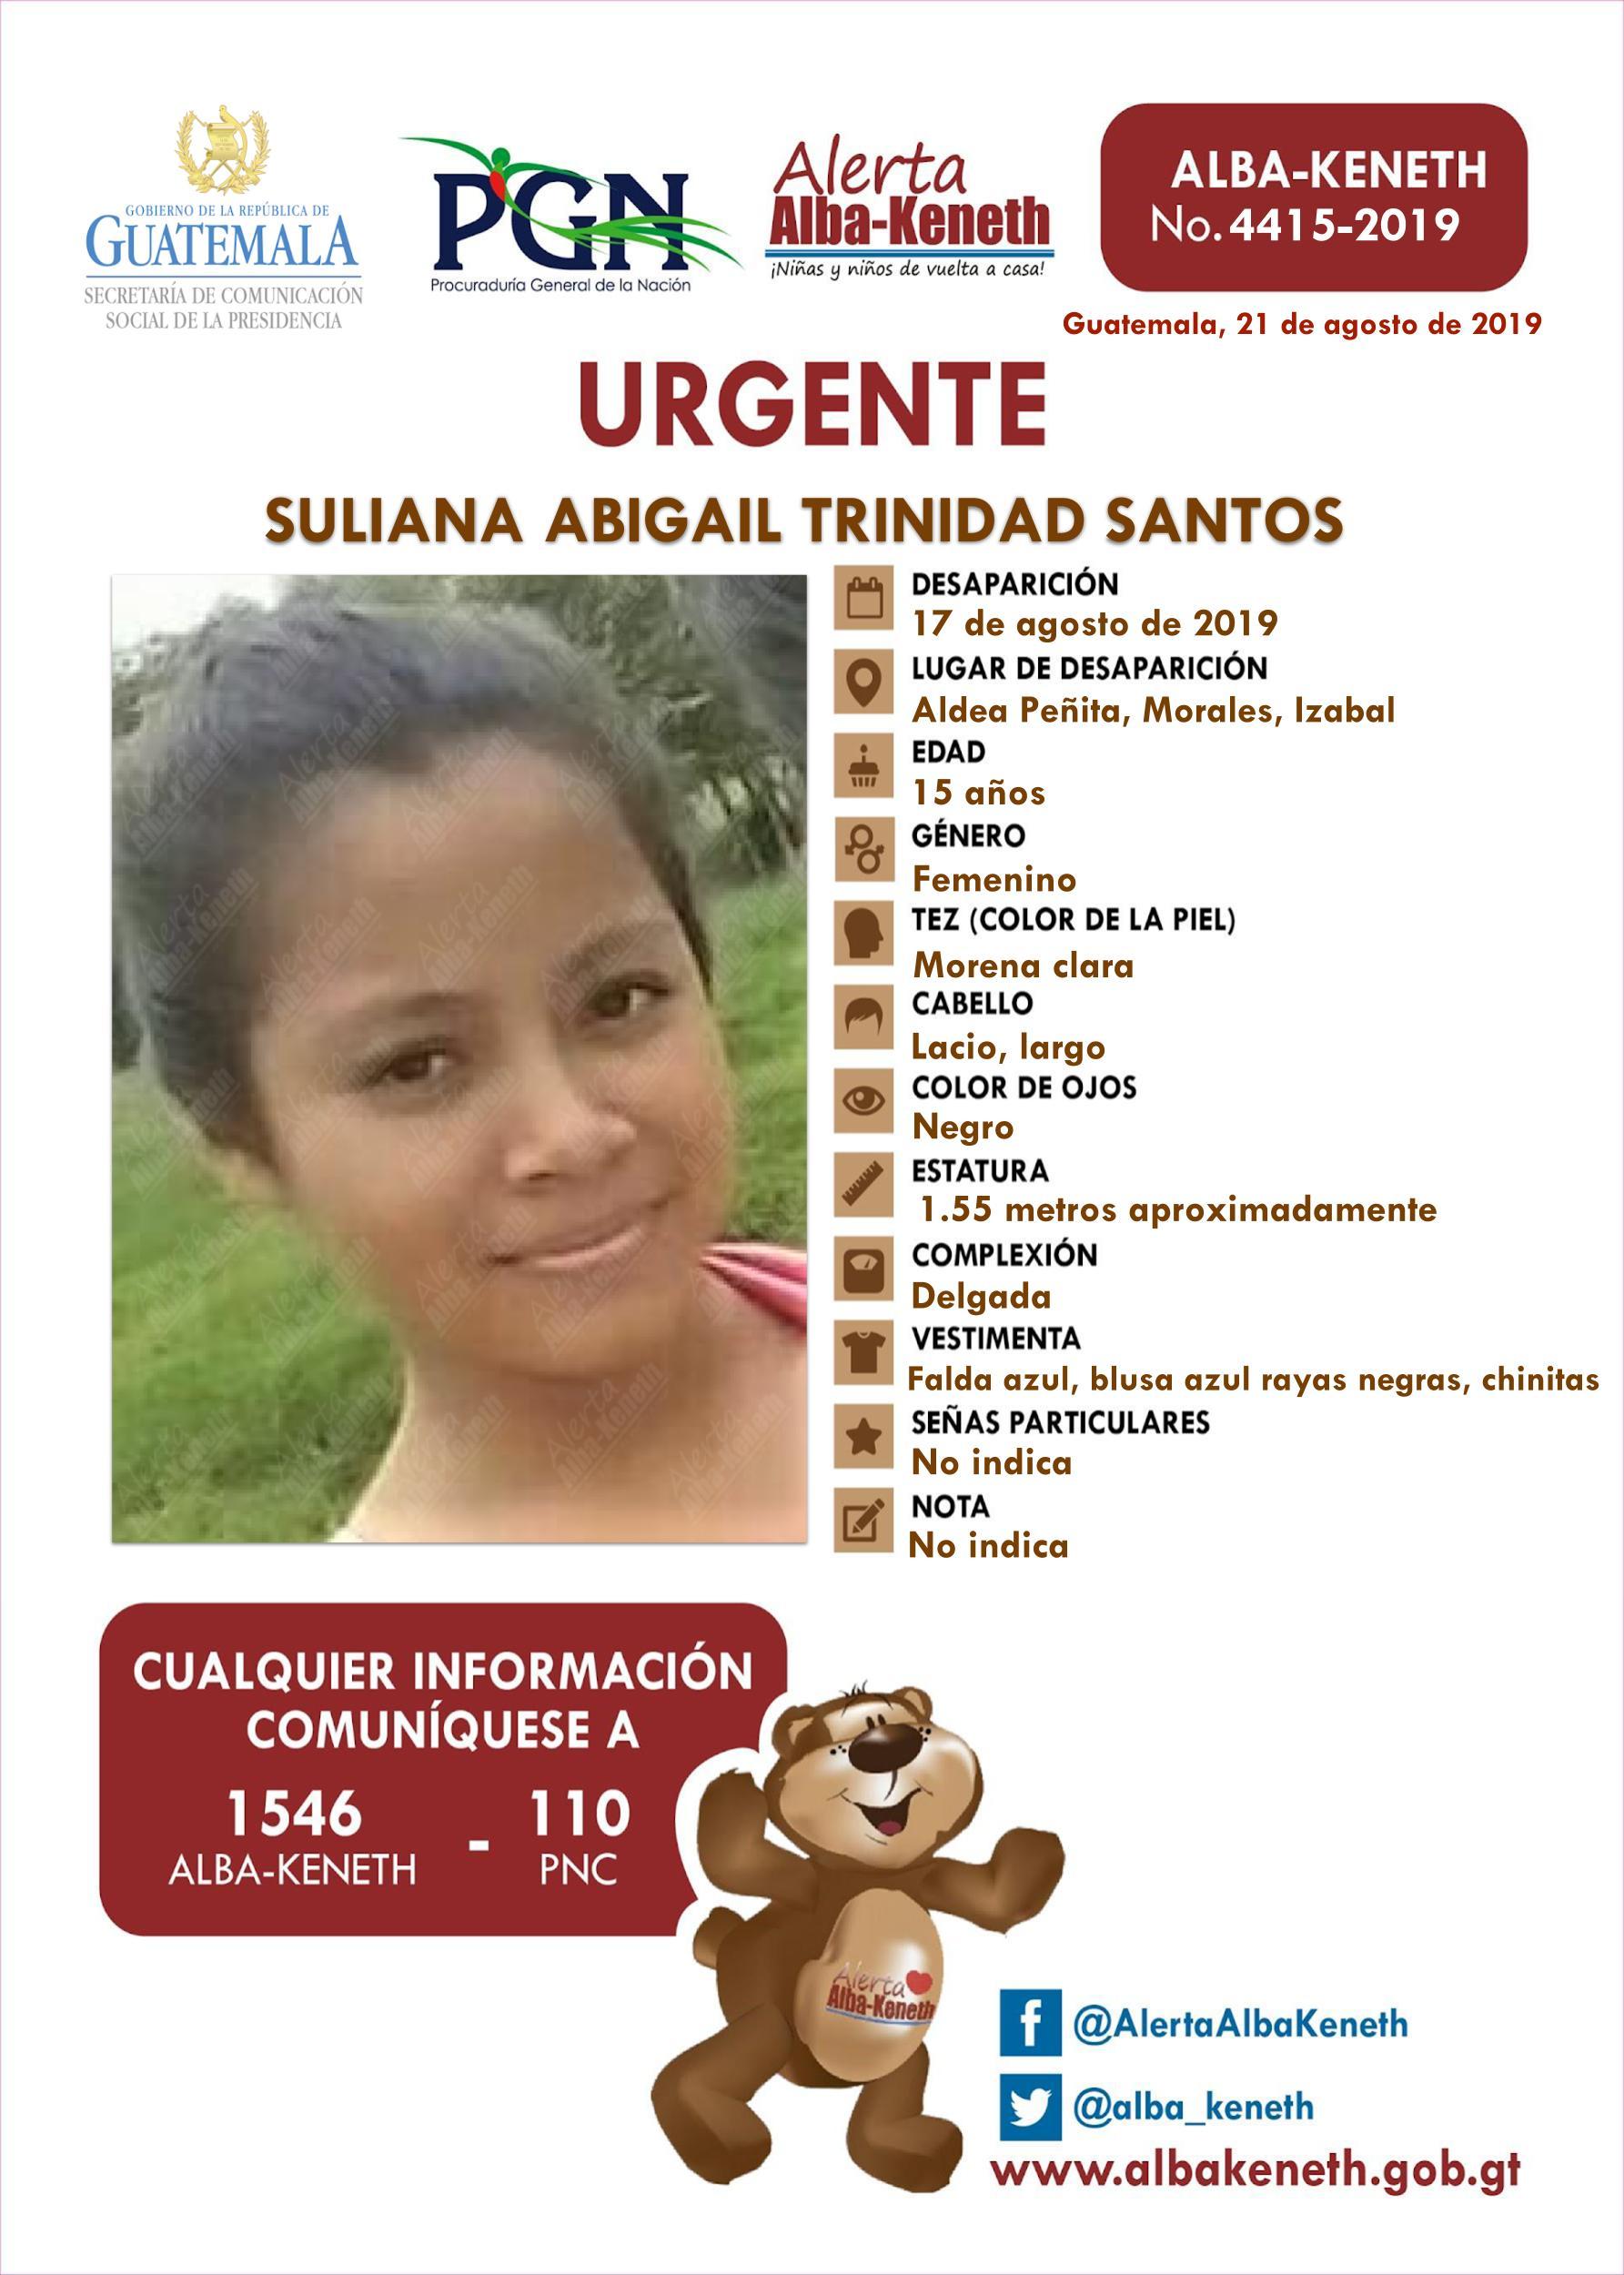 Suliana Abigail Trinidad Santos